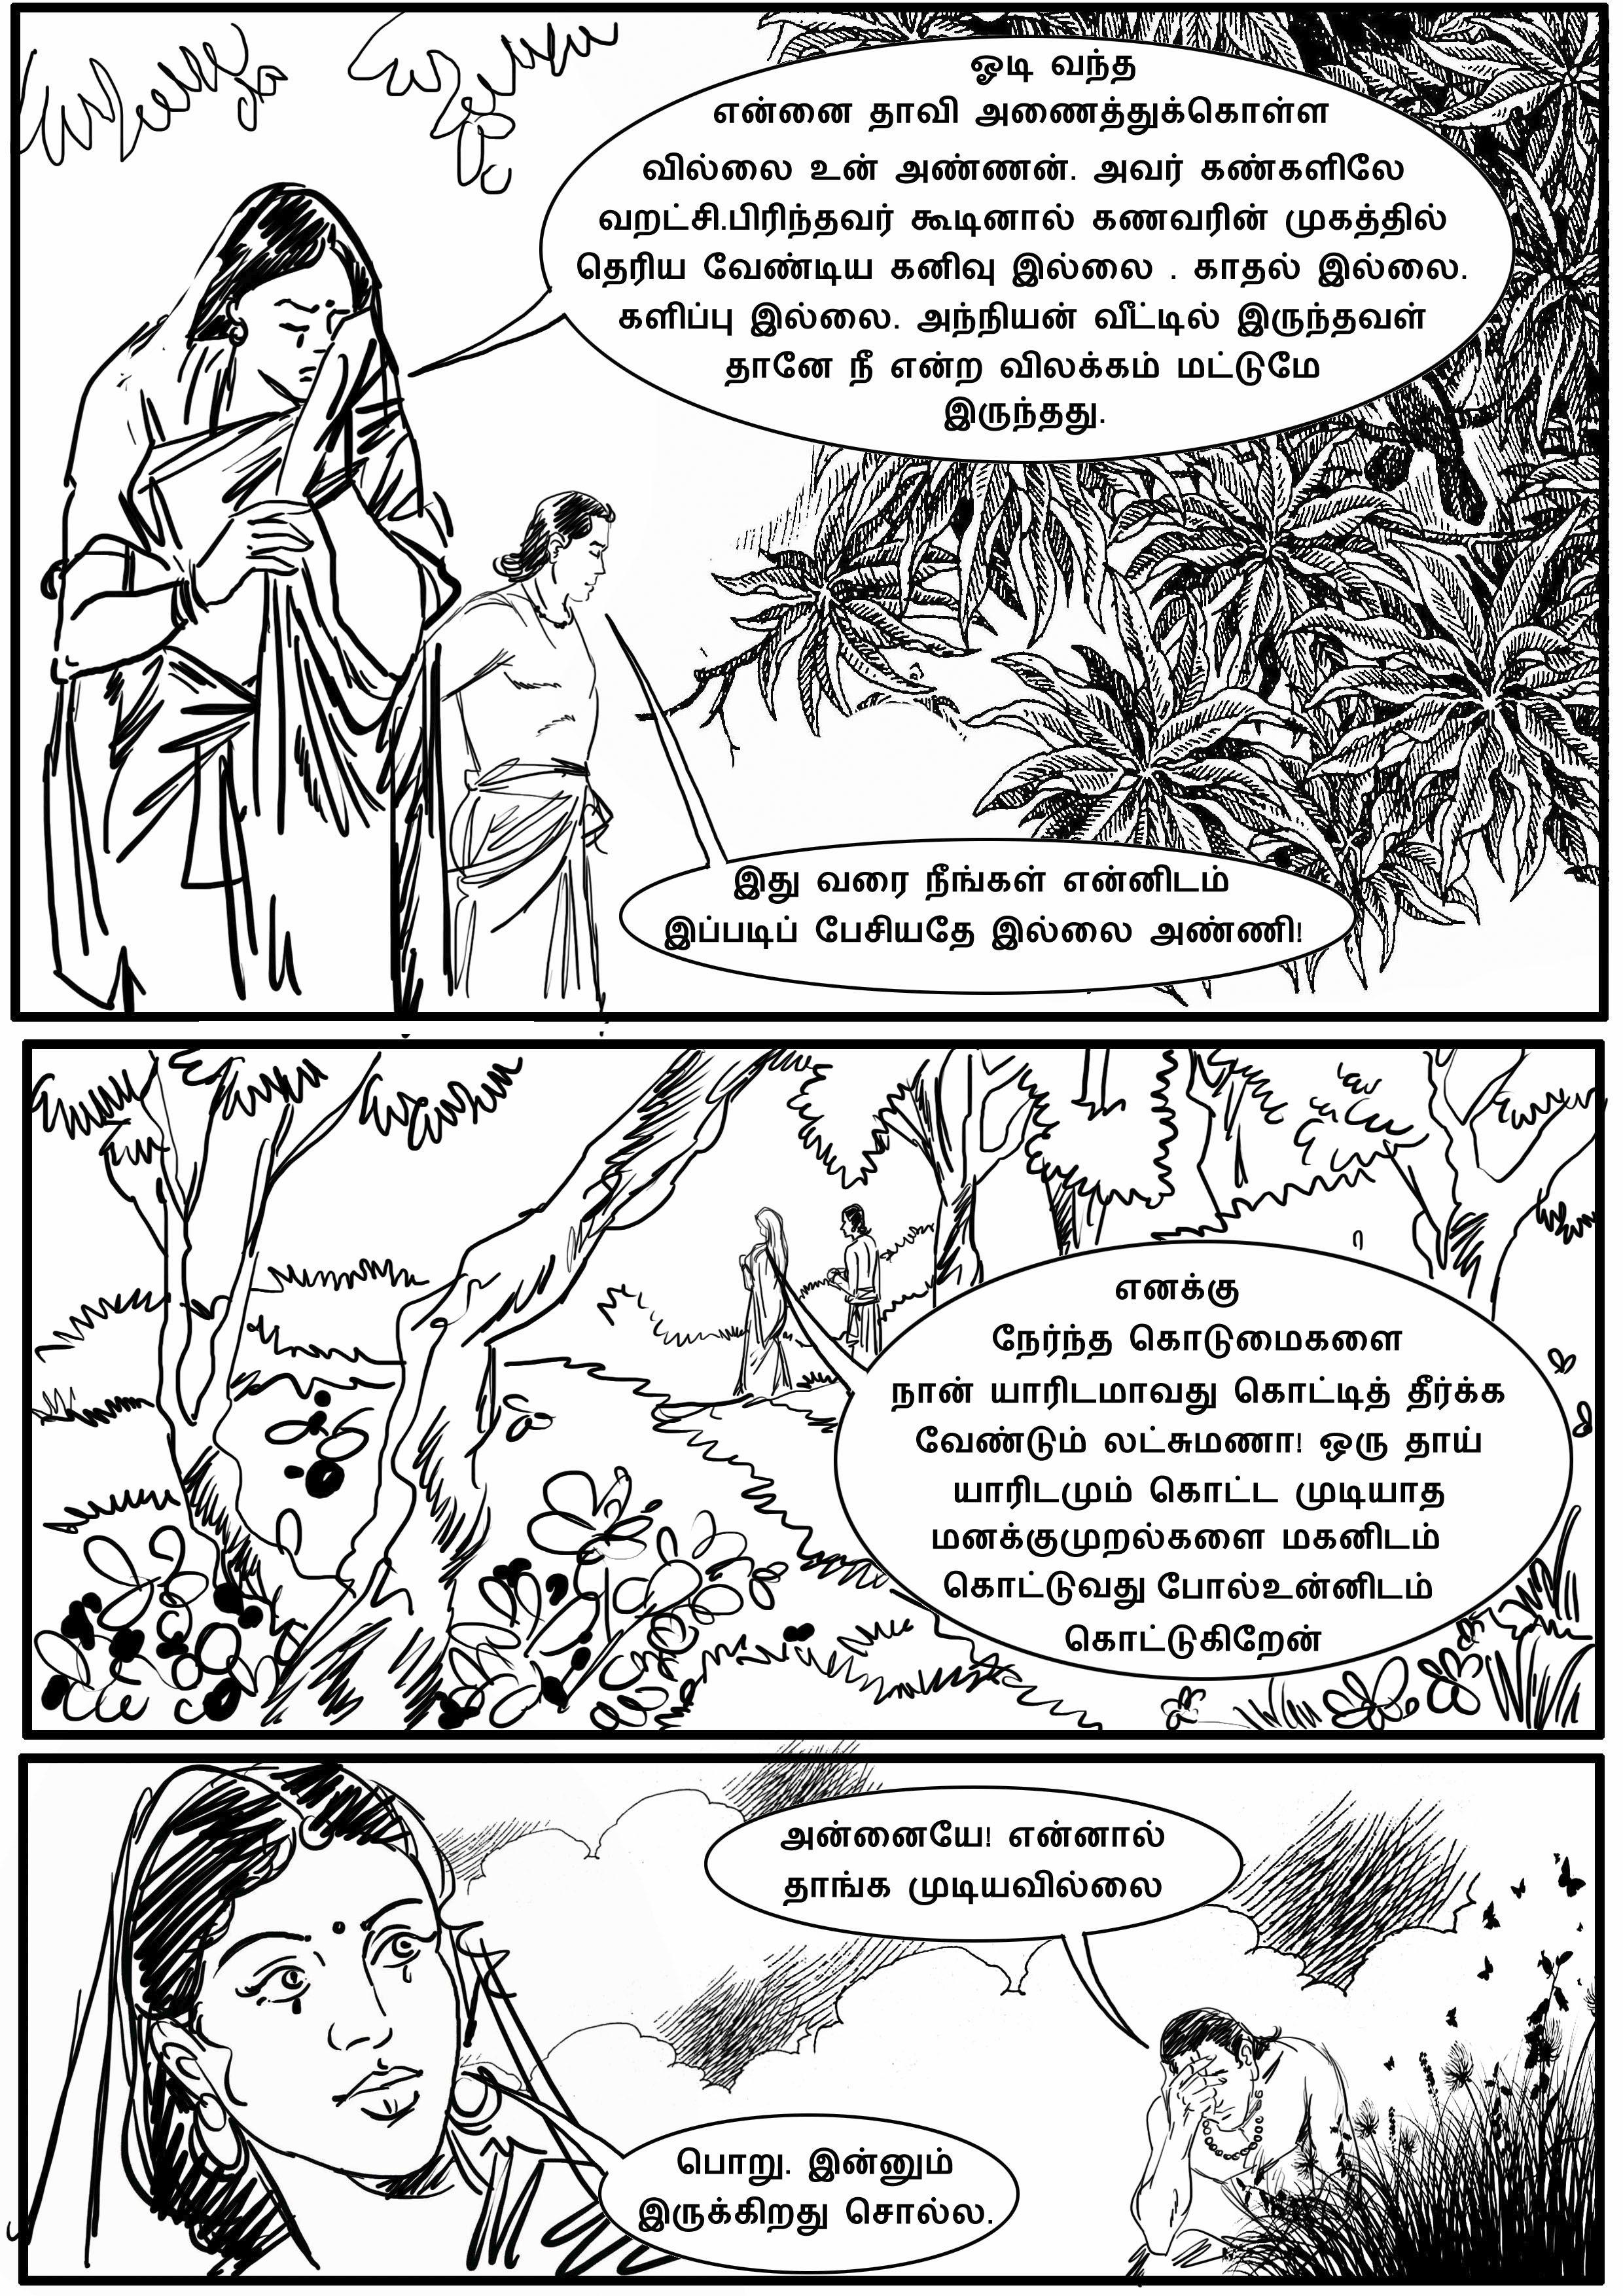 சீதாயணம் படக்கதை  -6 [சென்ற வாரத் தொடர்ச்சி]